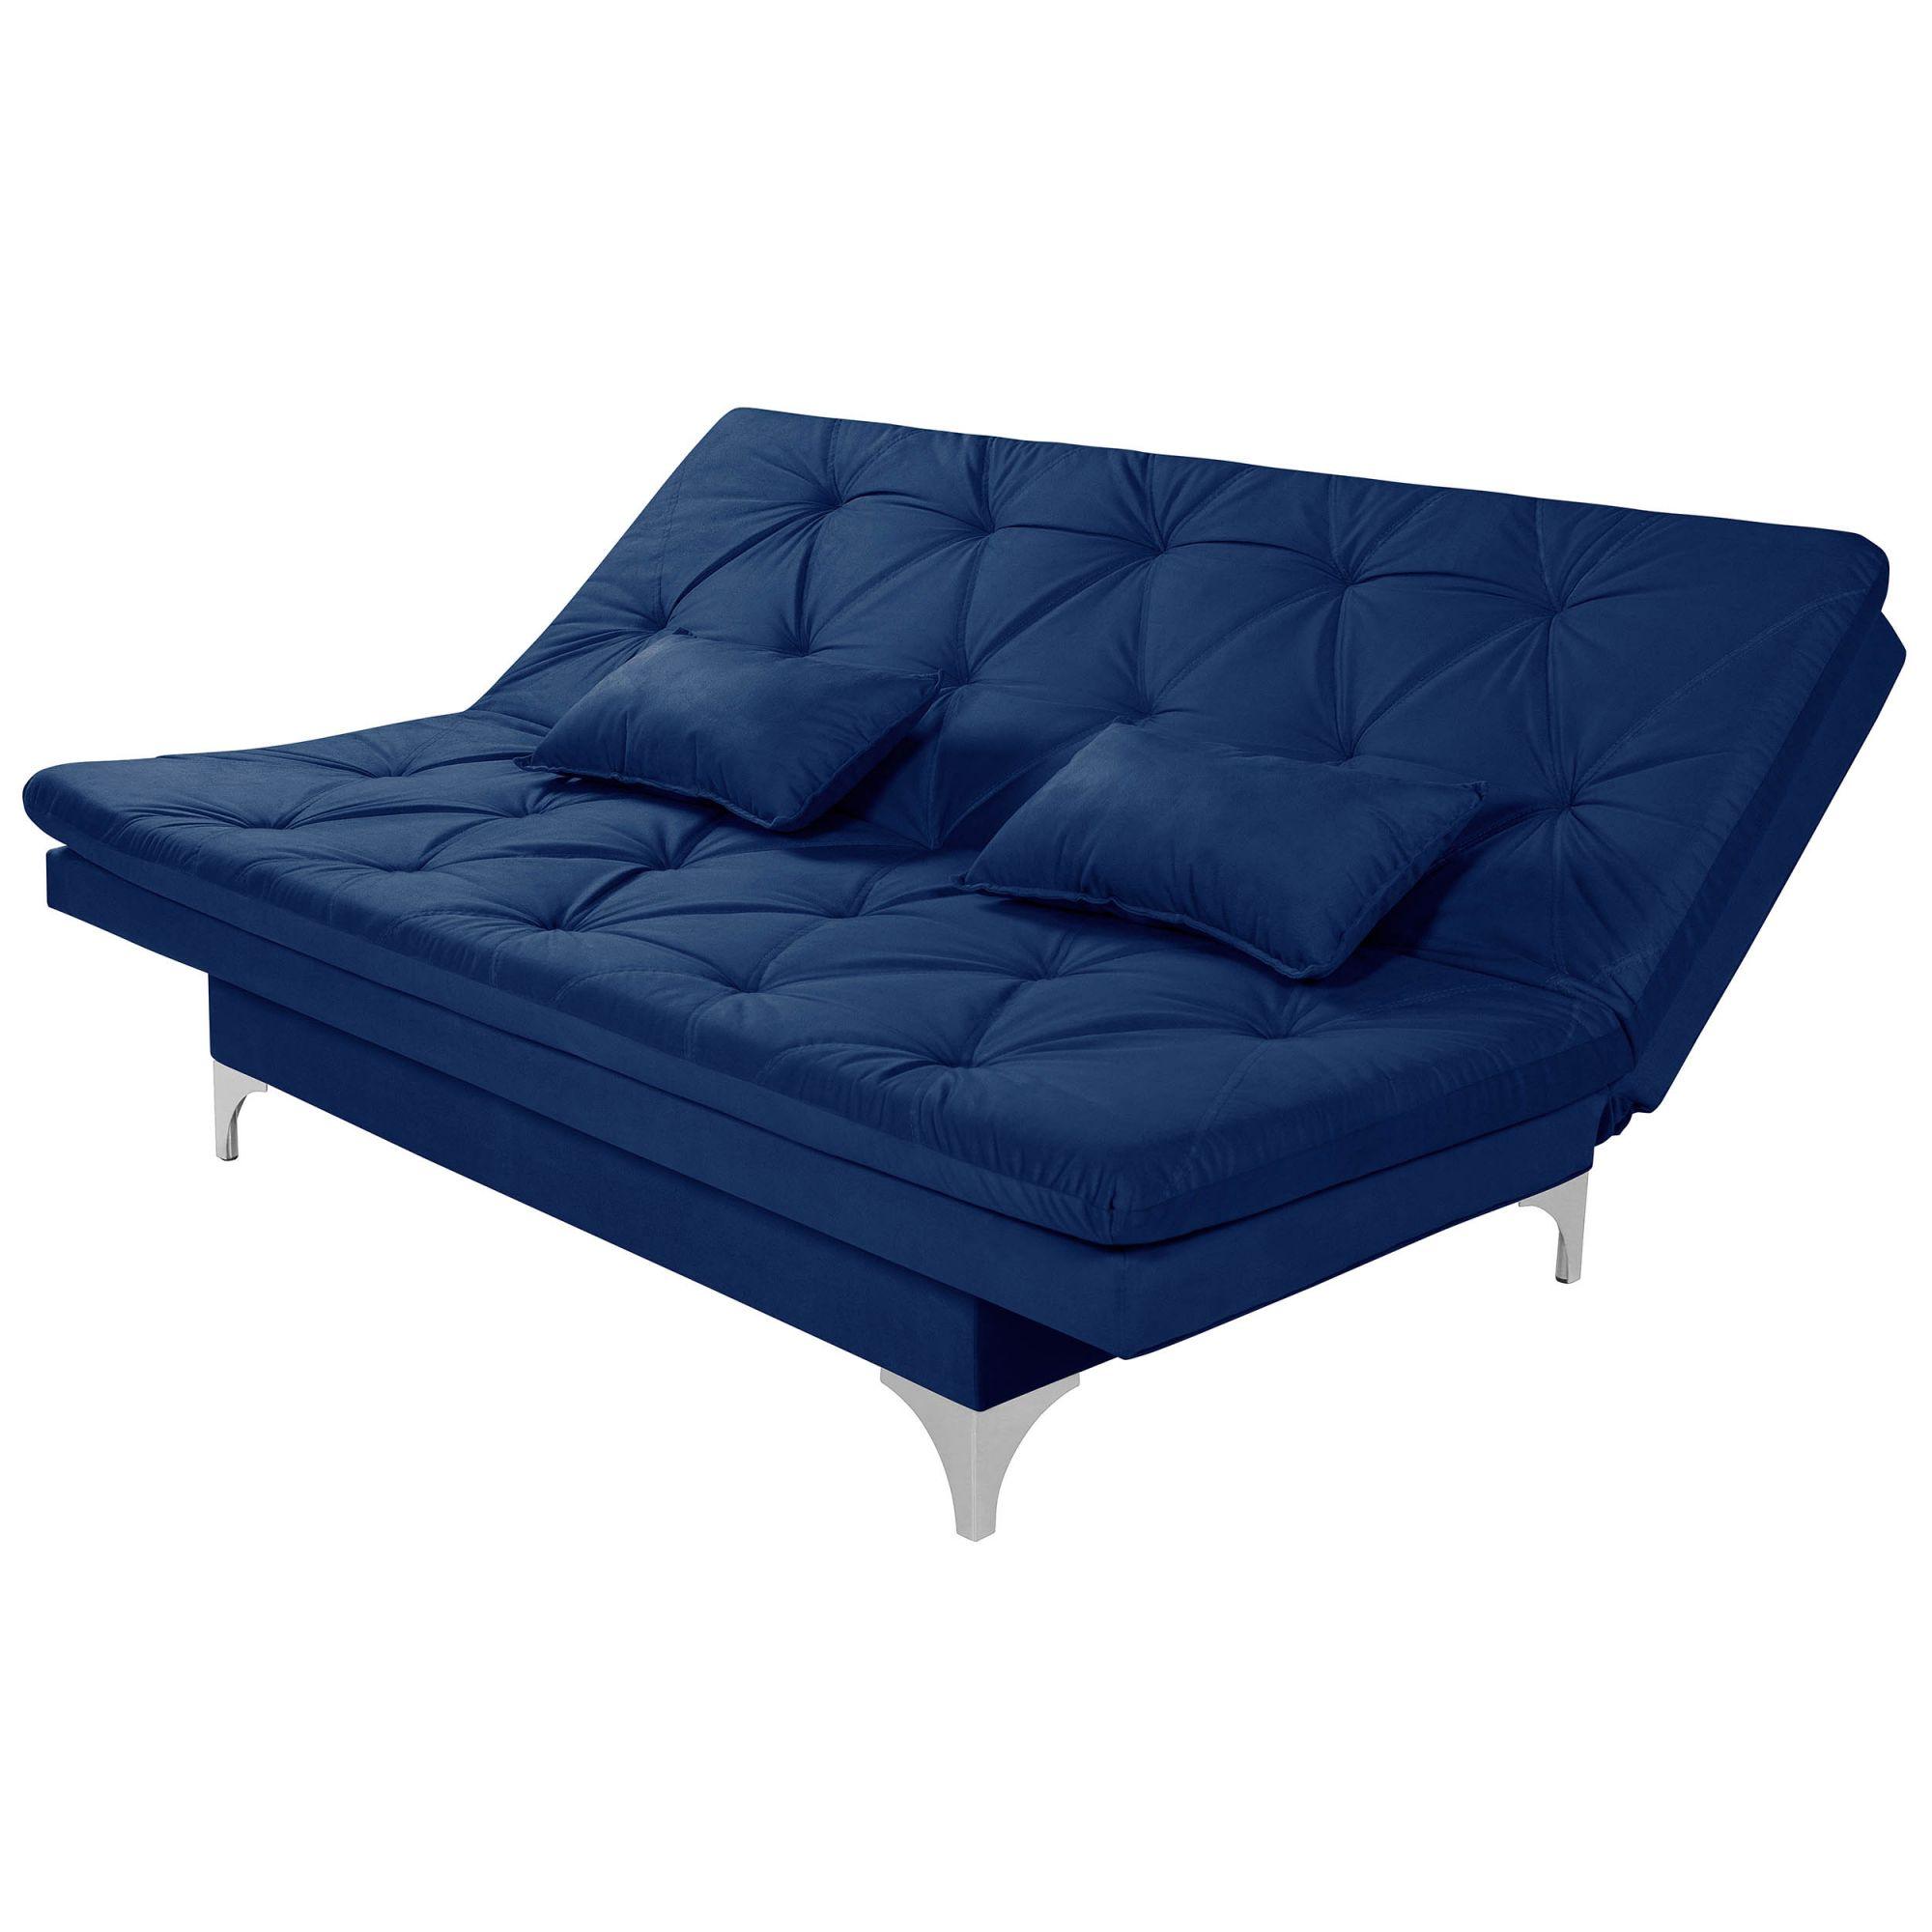 Sofá Cama 3 Lugares Reclinável Estofado Azul Marinho